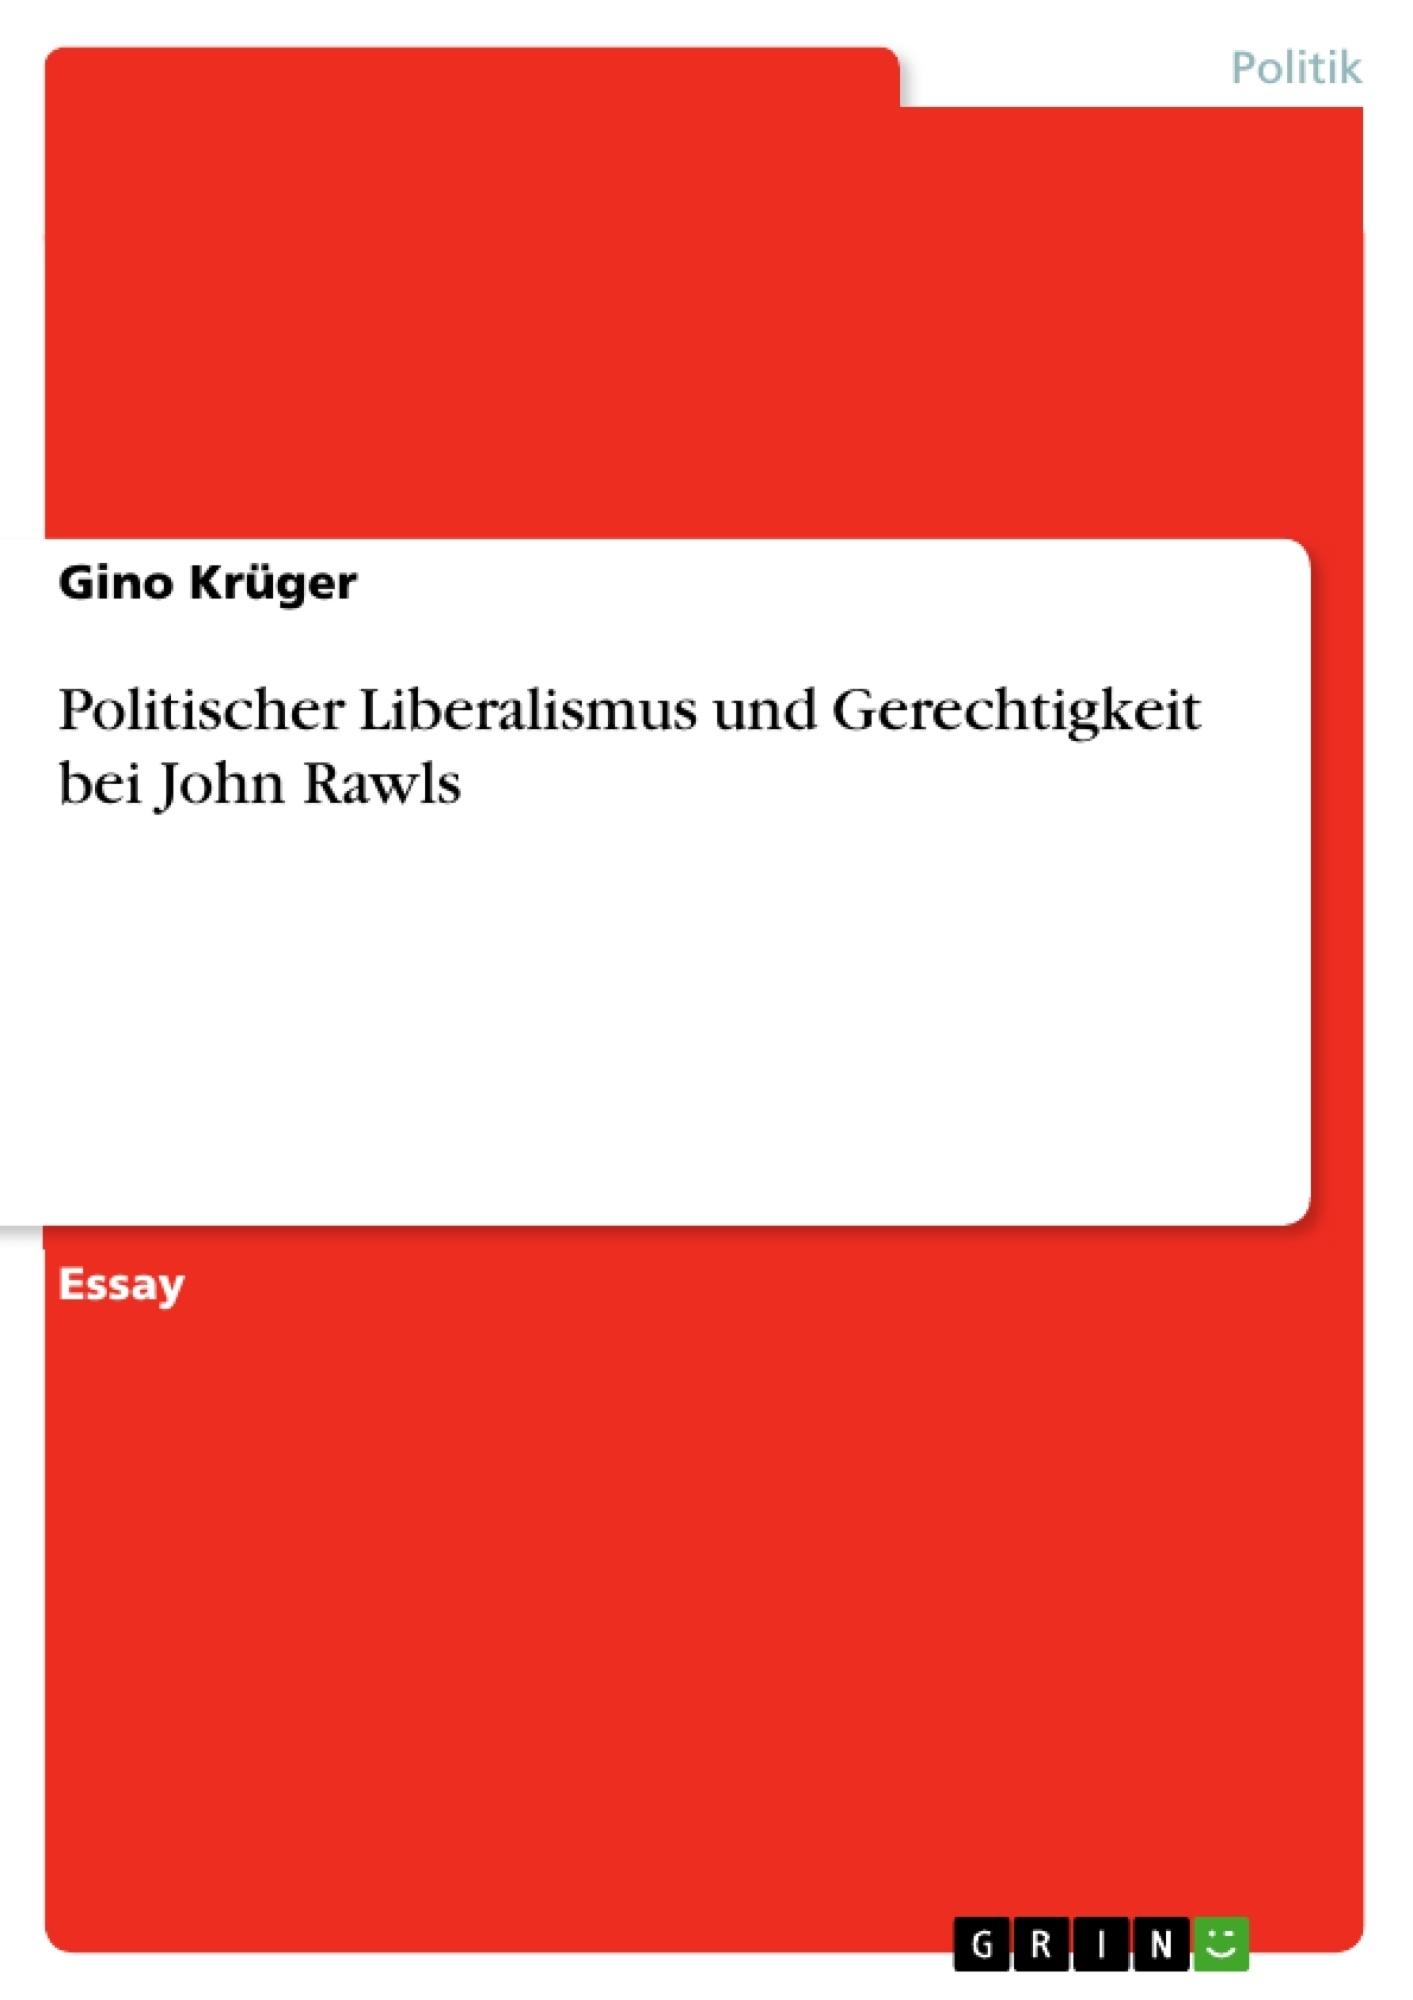 Titel: Politischer Liberalismus und Gerechtigkeit bei John Rawls